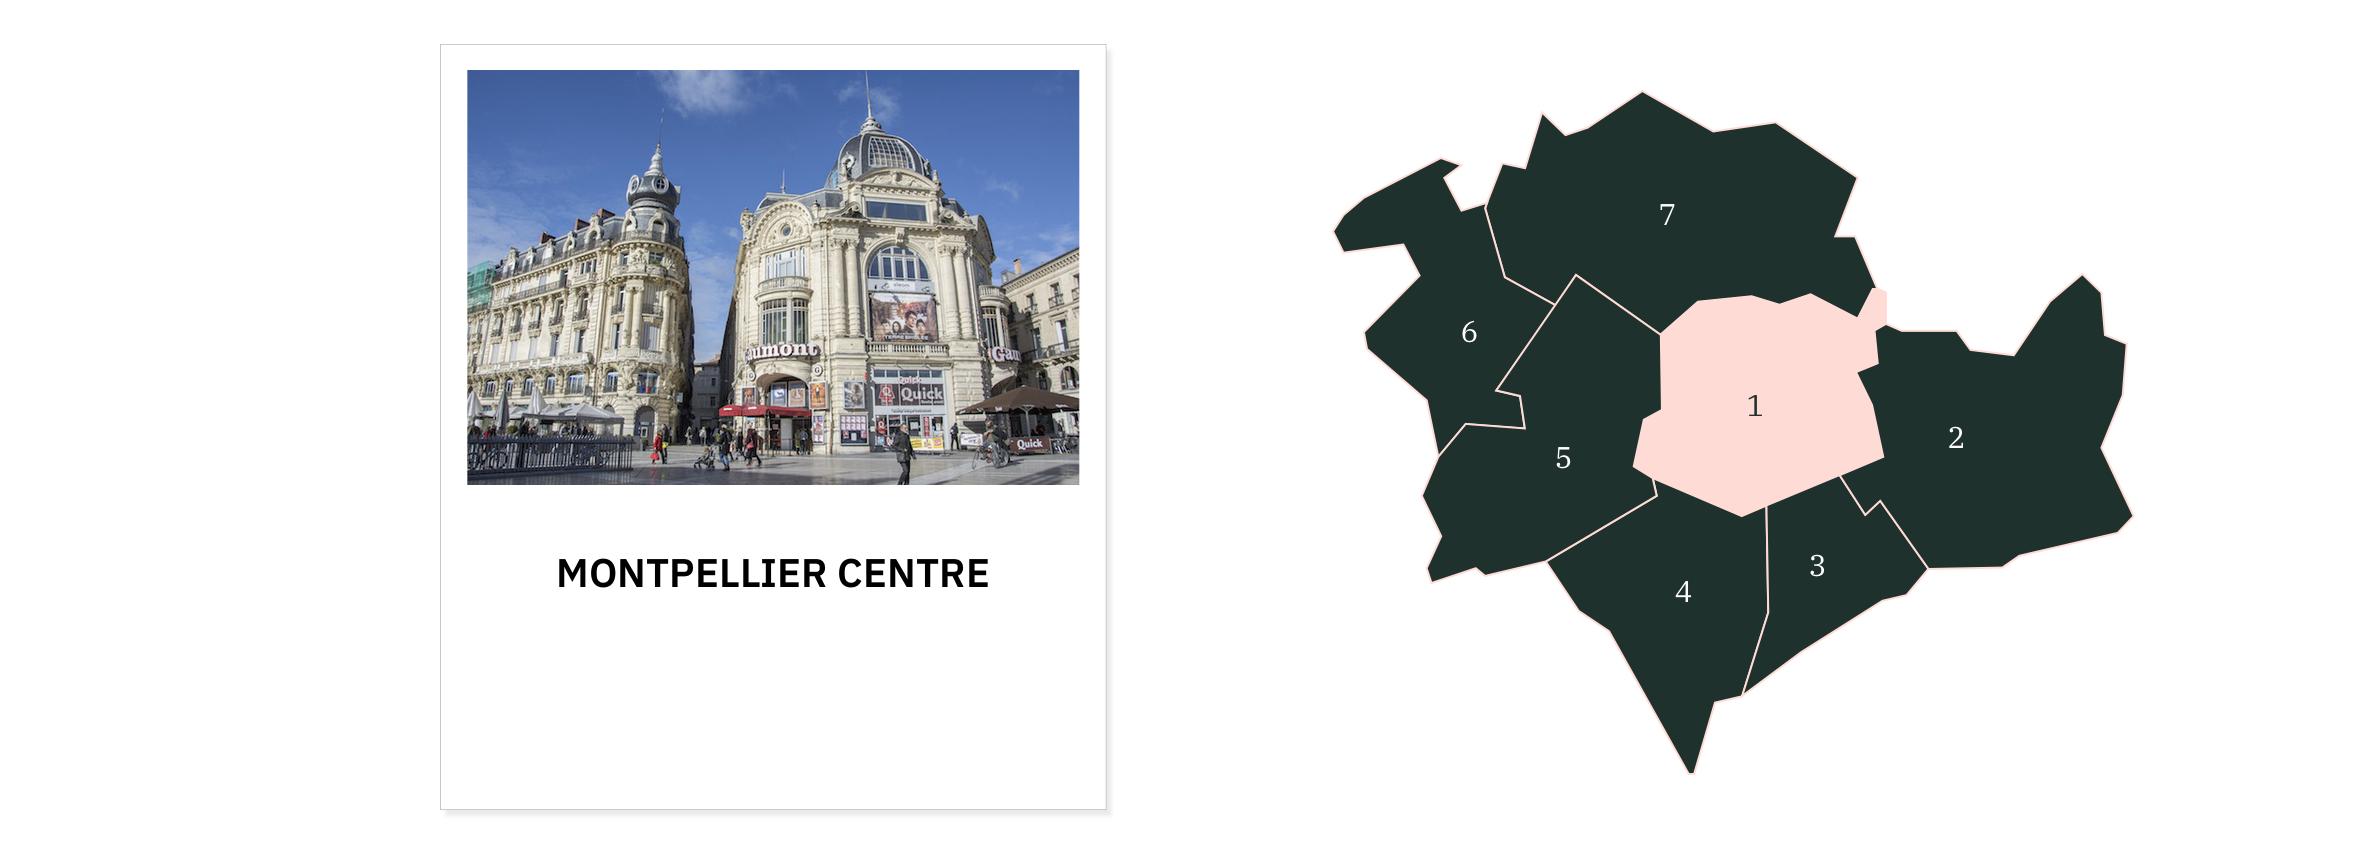 Montpellier centre ⎮ Carte des quartiers de Montpellier